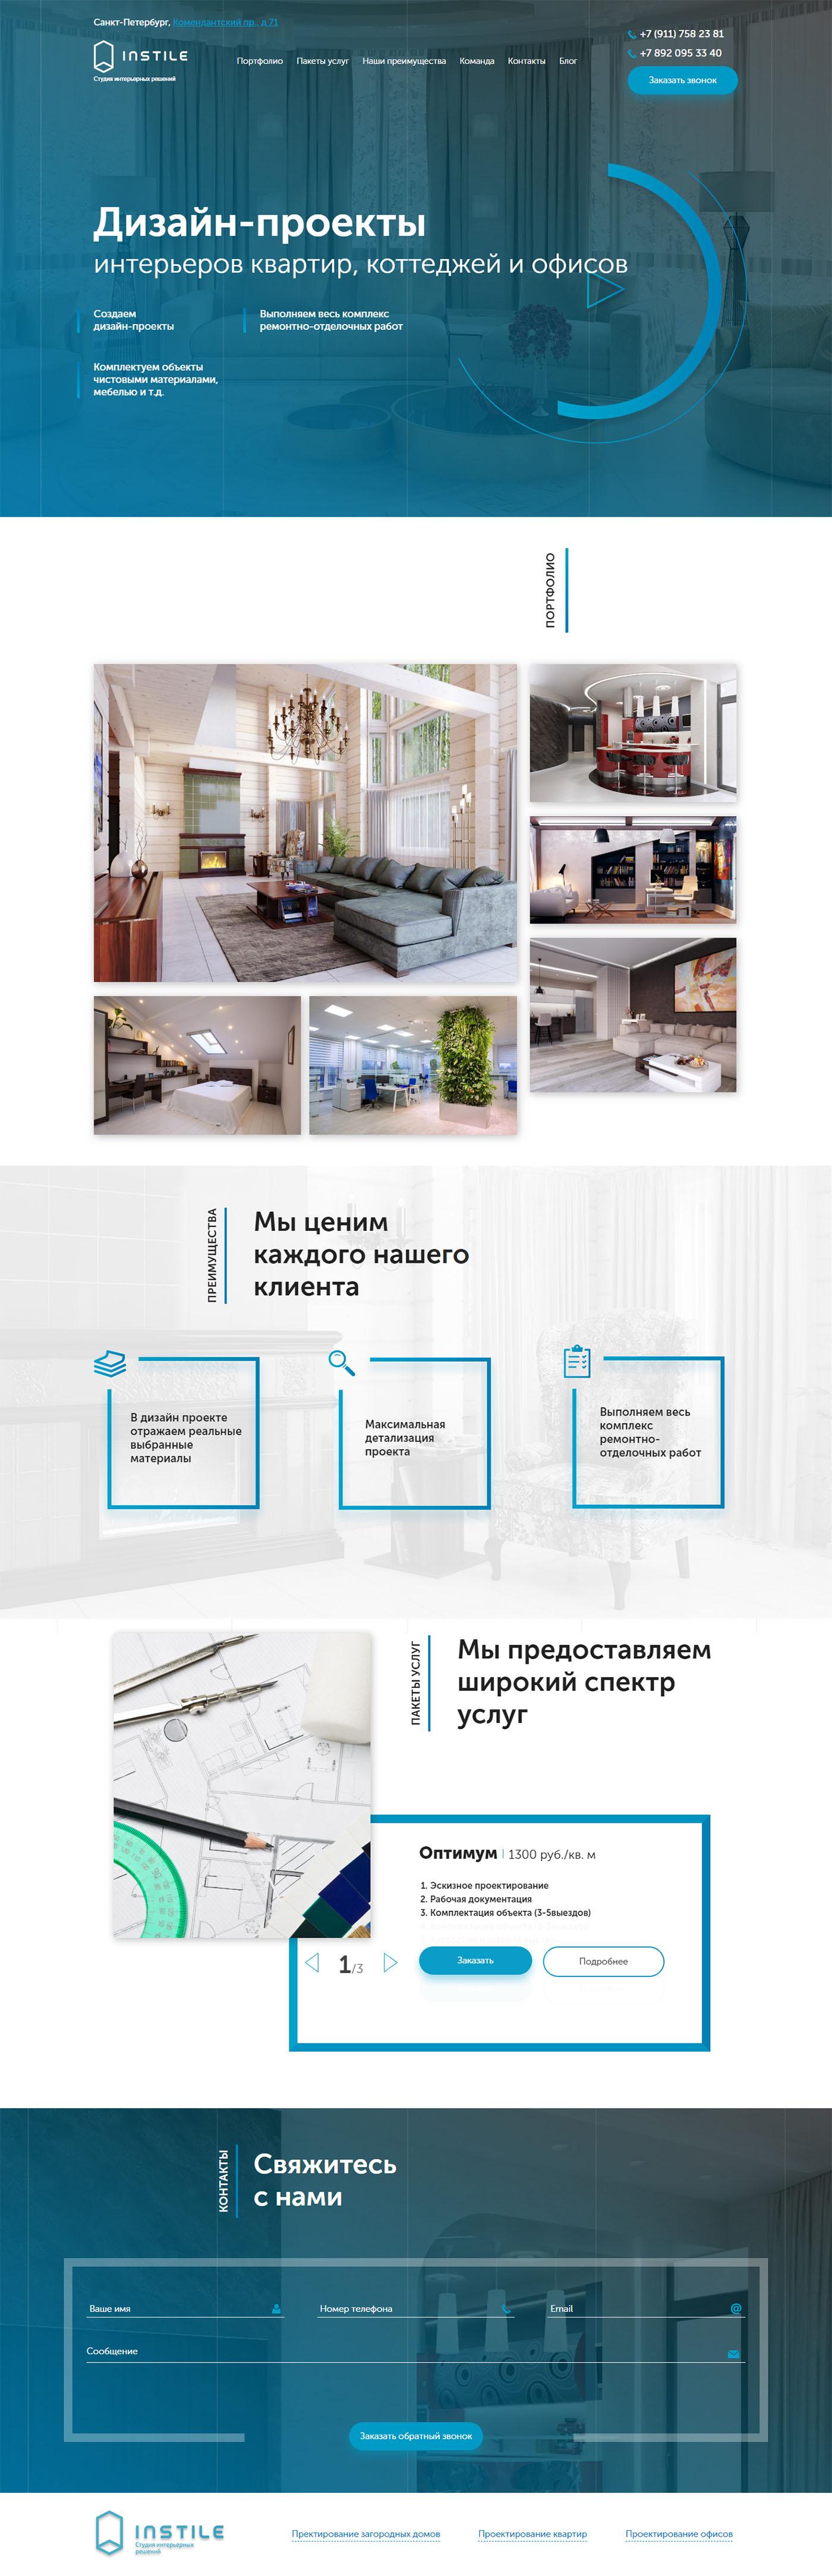 Сайт студии Инстиль — Дизайн-проекты интерьеров квартир, коттеджей и офисов